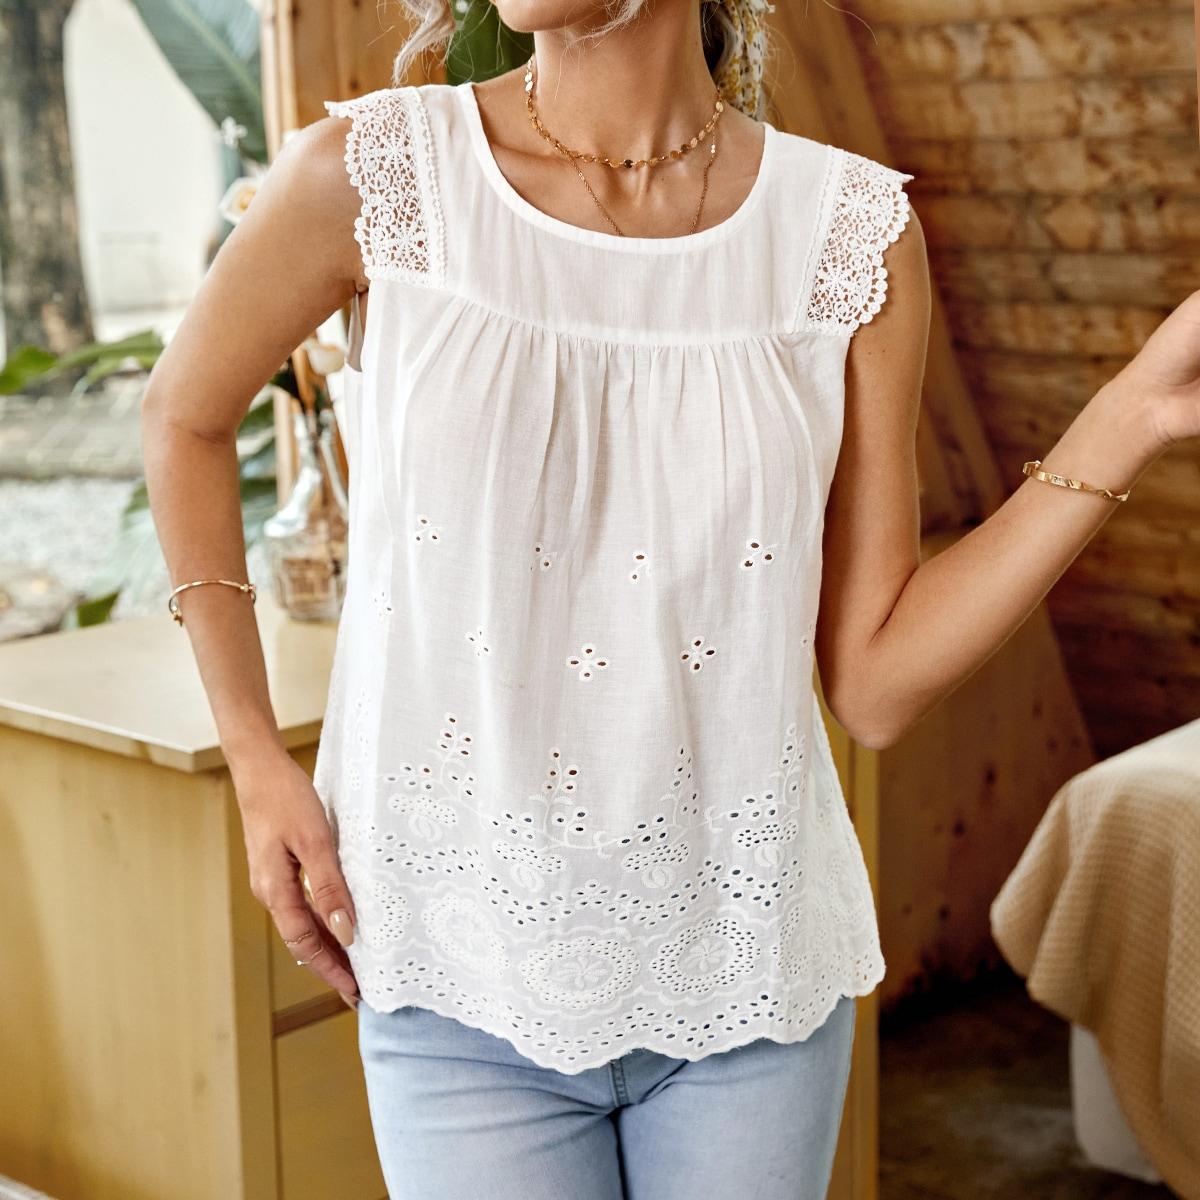 Блуза с кружевной отделкой ажурной вышивкой SheIn swblouse23210616430